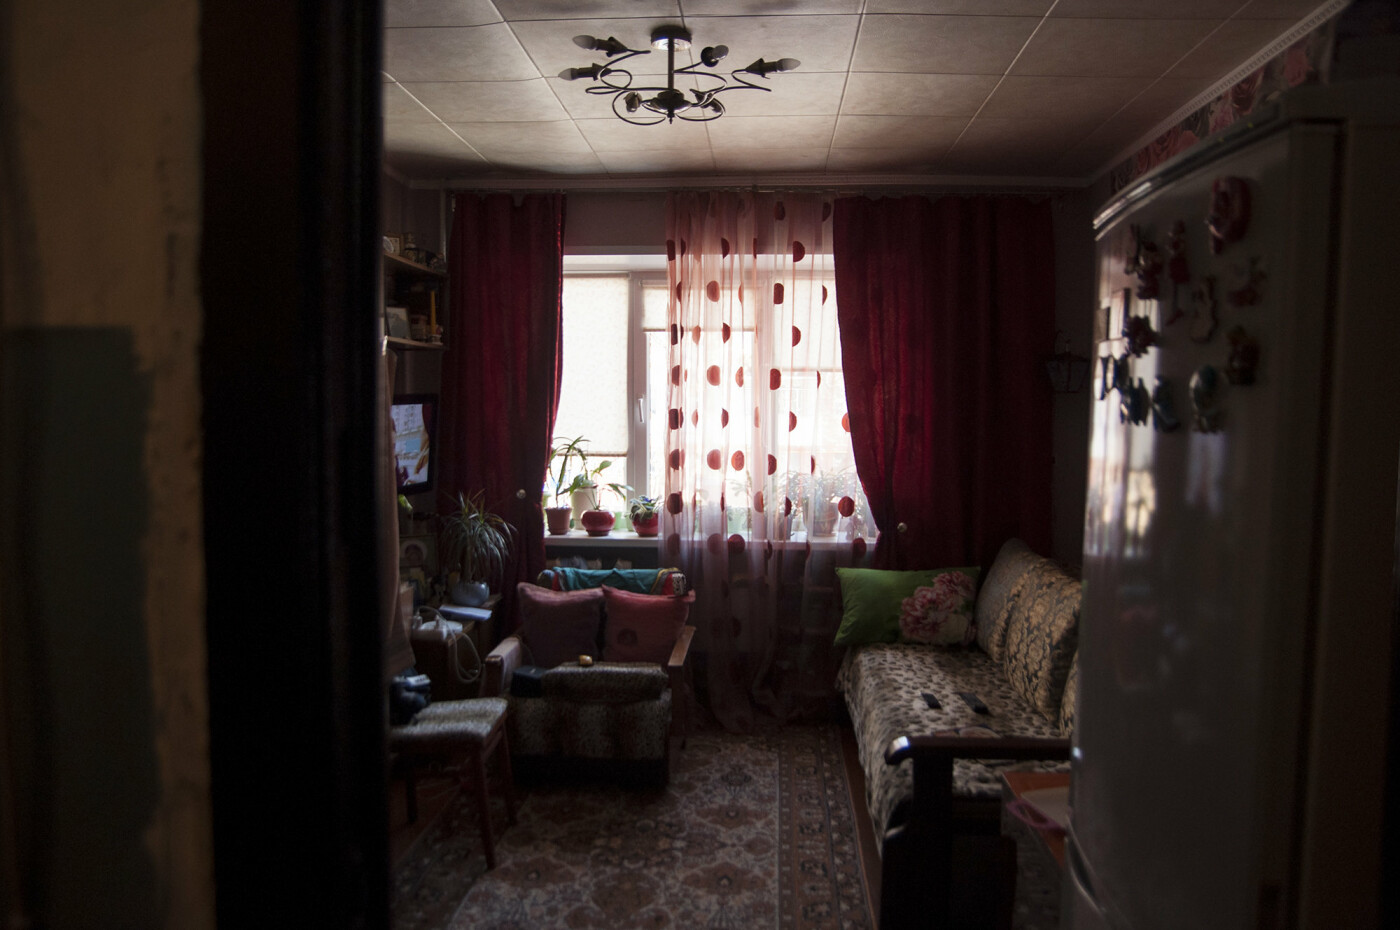 «Все, кто мог, отсюда съехали». Жильцы пятиэтажки в центре Белгорода пожаловались на ужасные условия проживания, фото-11